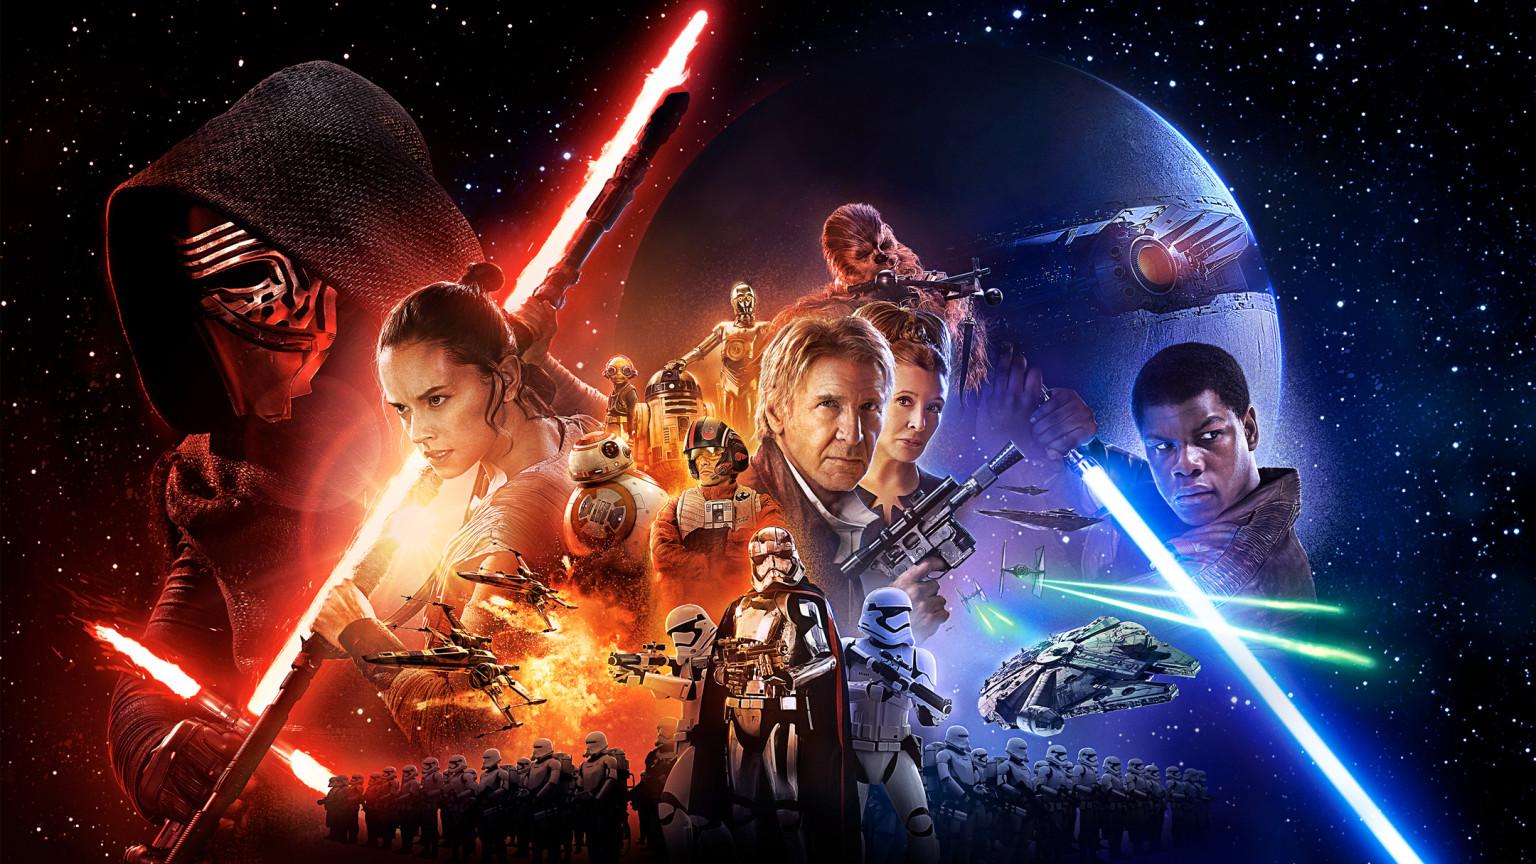 star wars (trilogia nova)